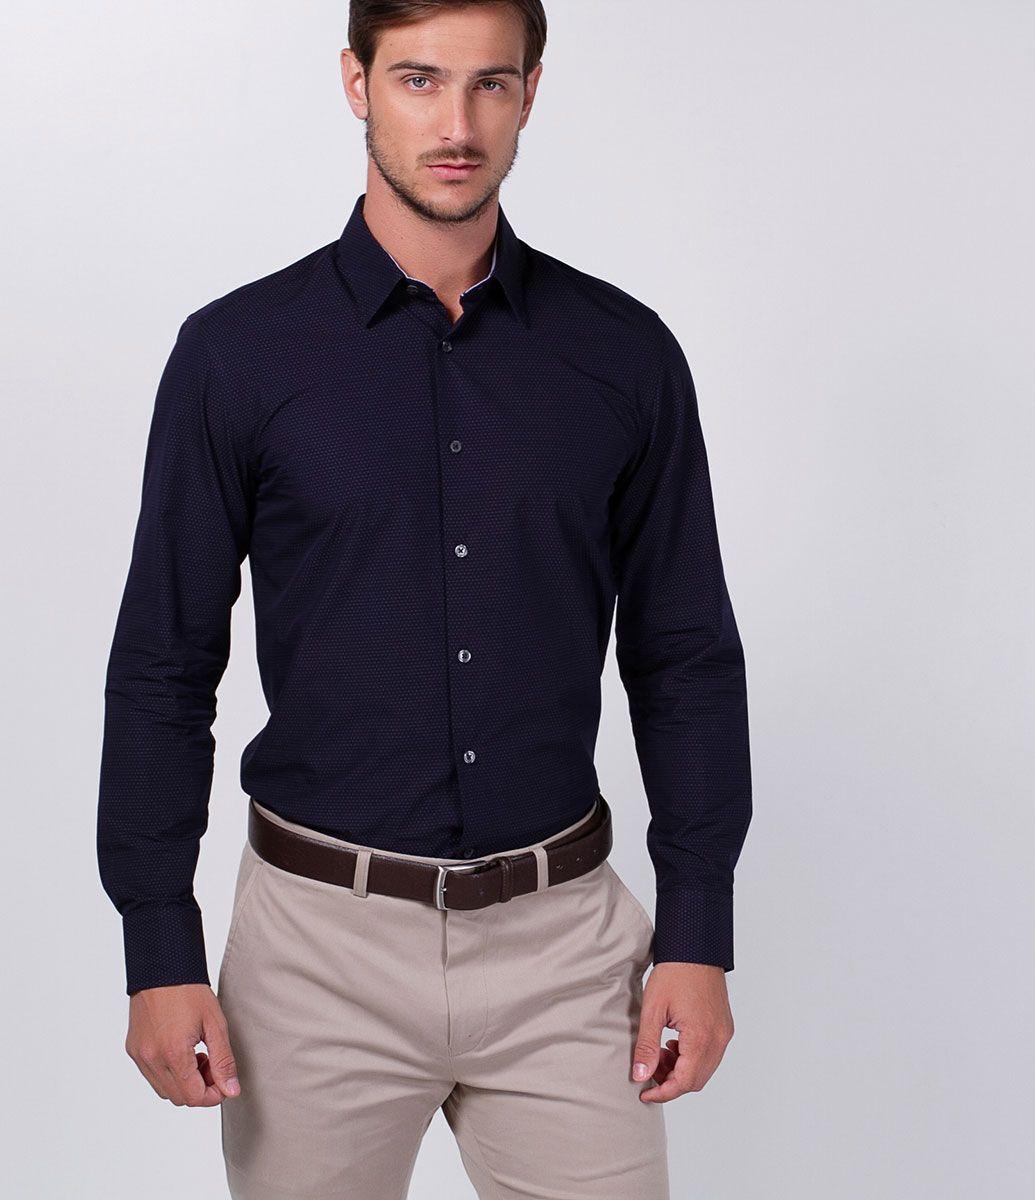 54b8147bac Camisa masculina Manga longa Slim Poá Marca  Preston Field Tecido  algodão  Composição  100